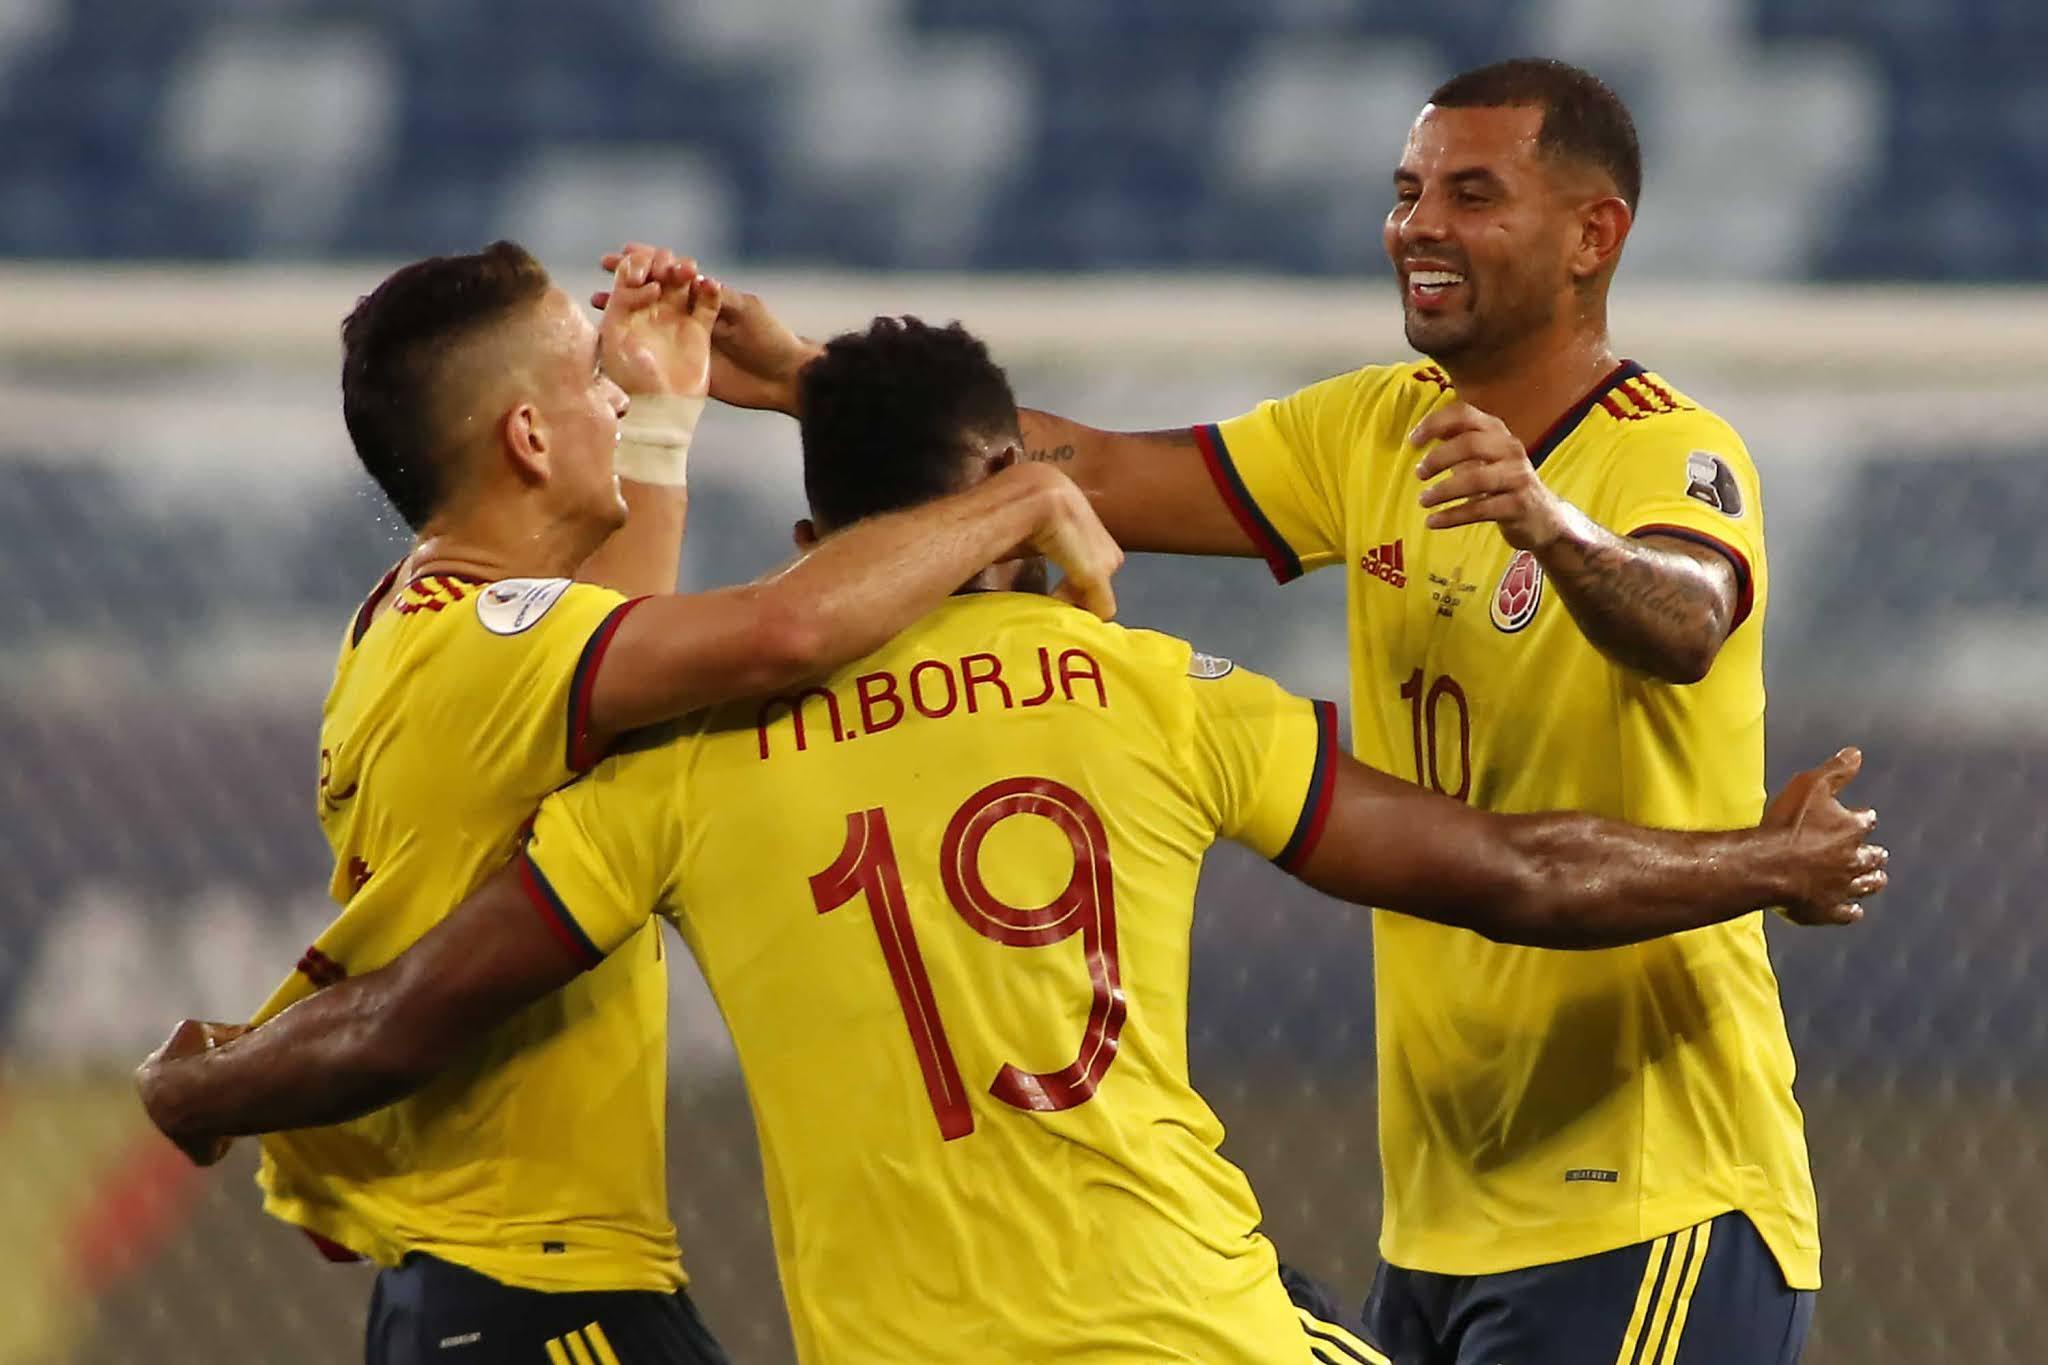 Colombia festejó ante Ecuador con un golazo de Cardona